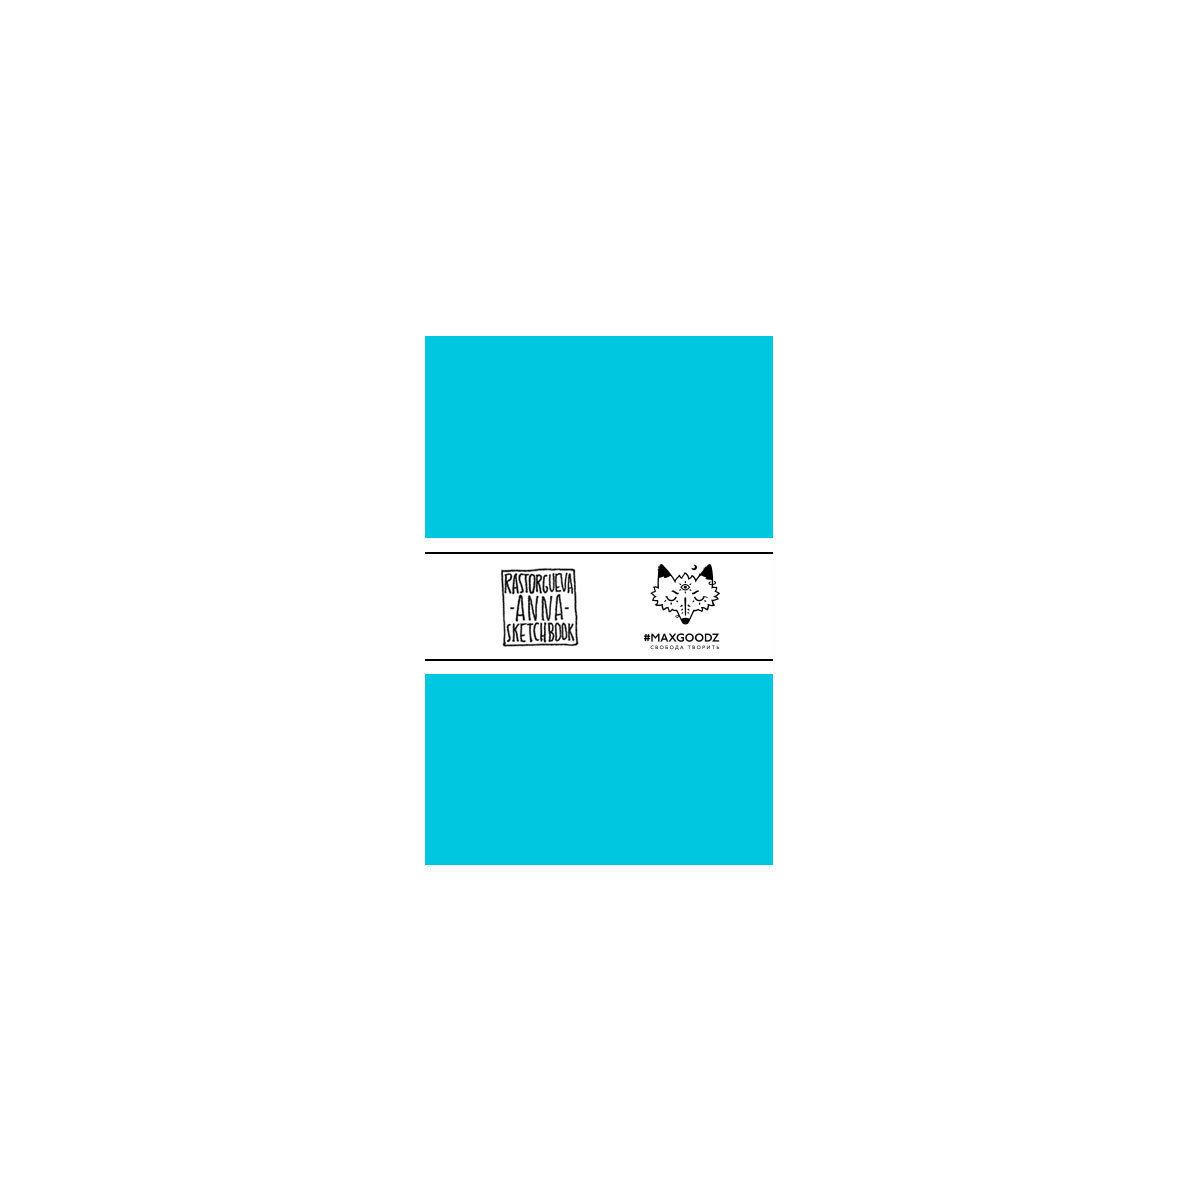 Купить Скетчбук для маркеров Maxgoodz Pocket Marker А6, 20 л, 220 г Светло-бирюзовый, Россия